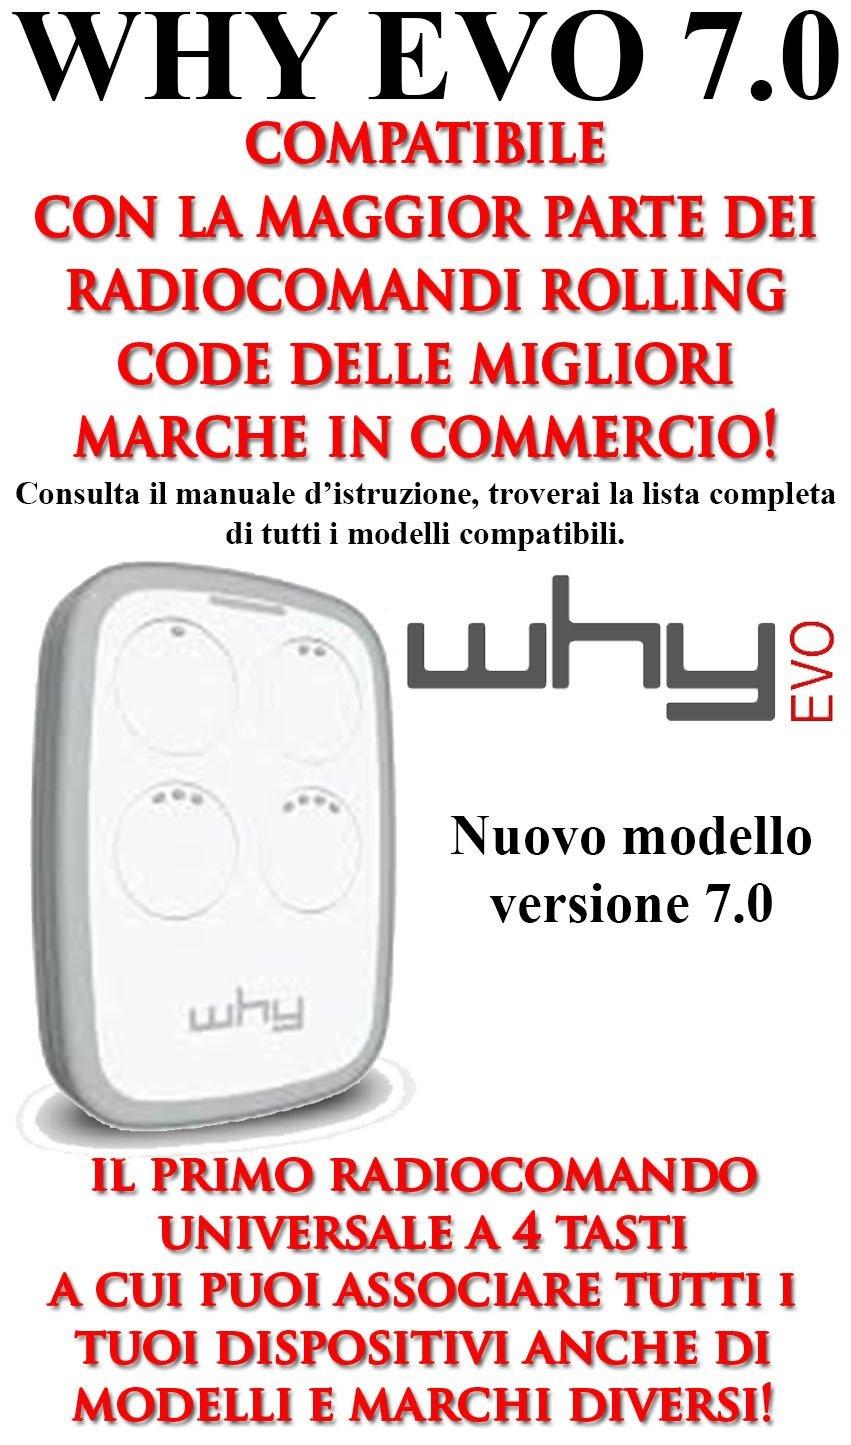 SICE - Telecomando Radiocomando Rolling code WHY EVO 7.0 (Bianco)